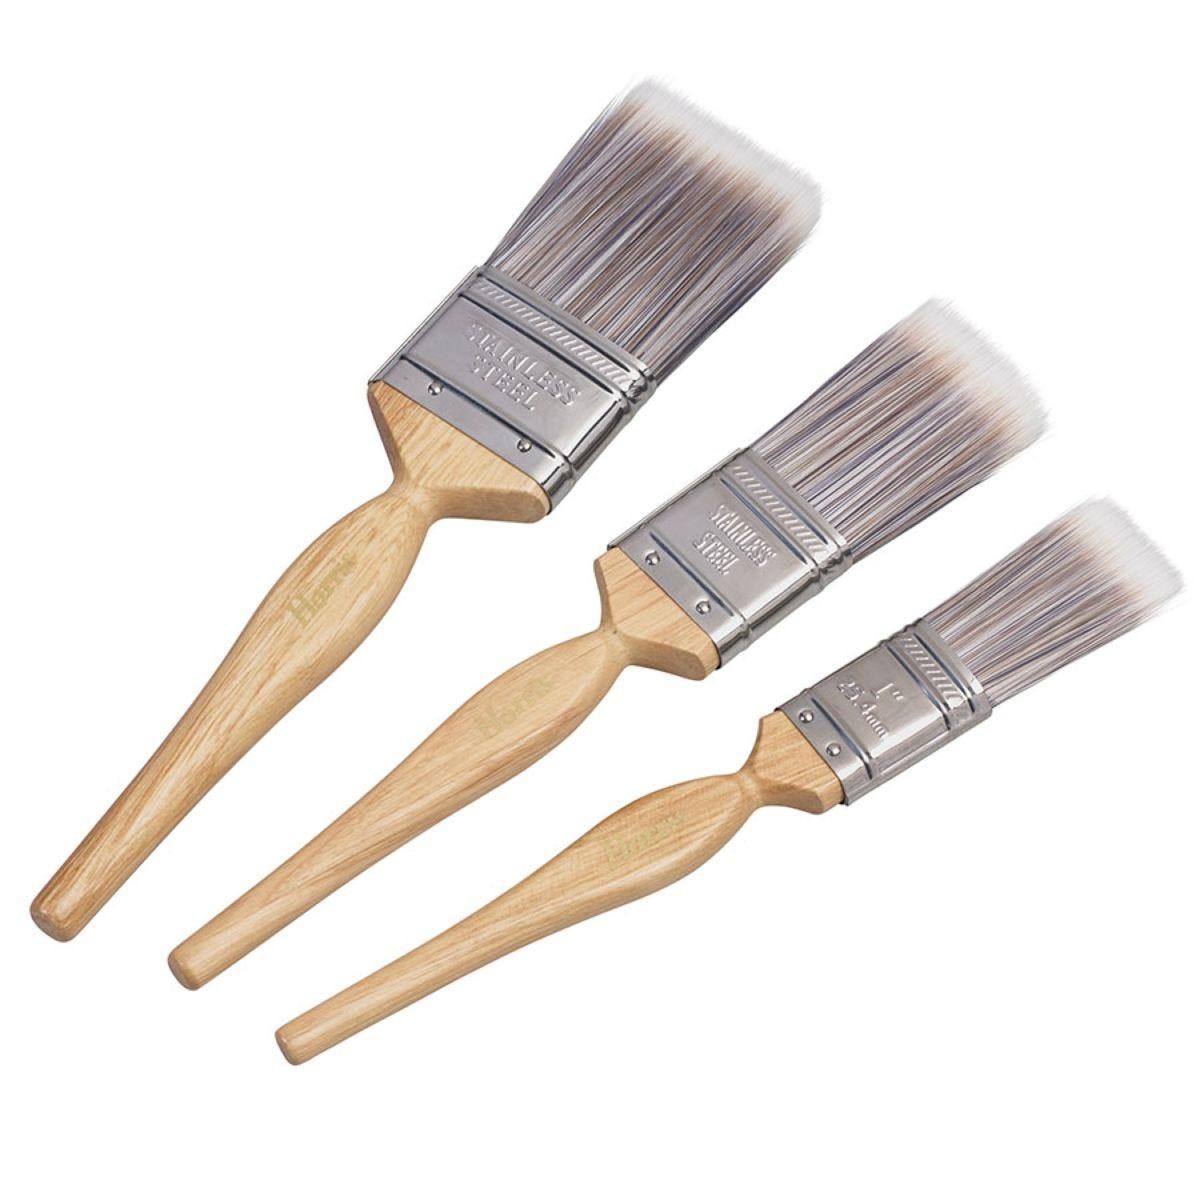 Harris platinum brush set 3 pk